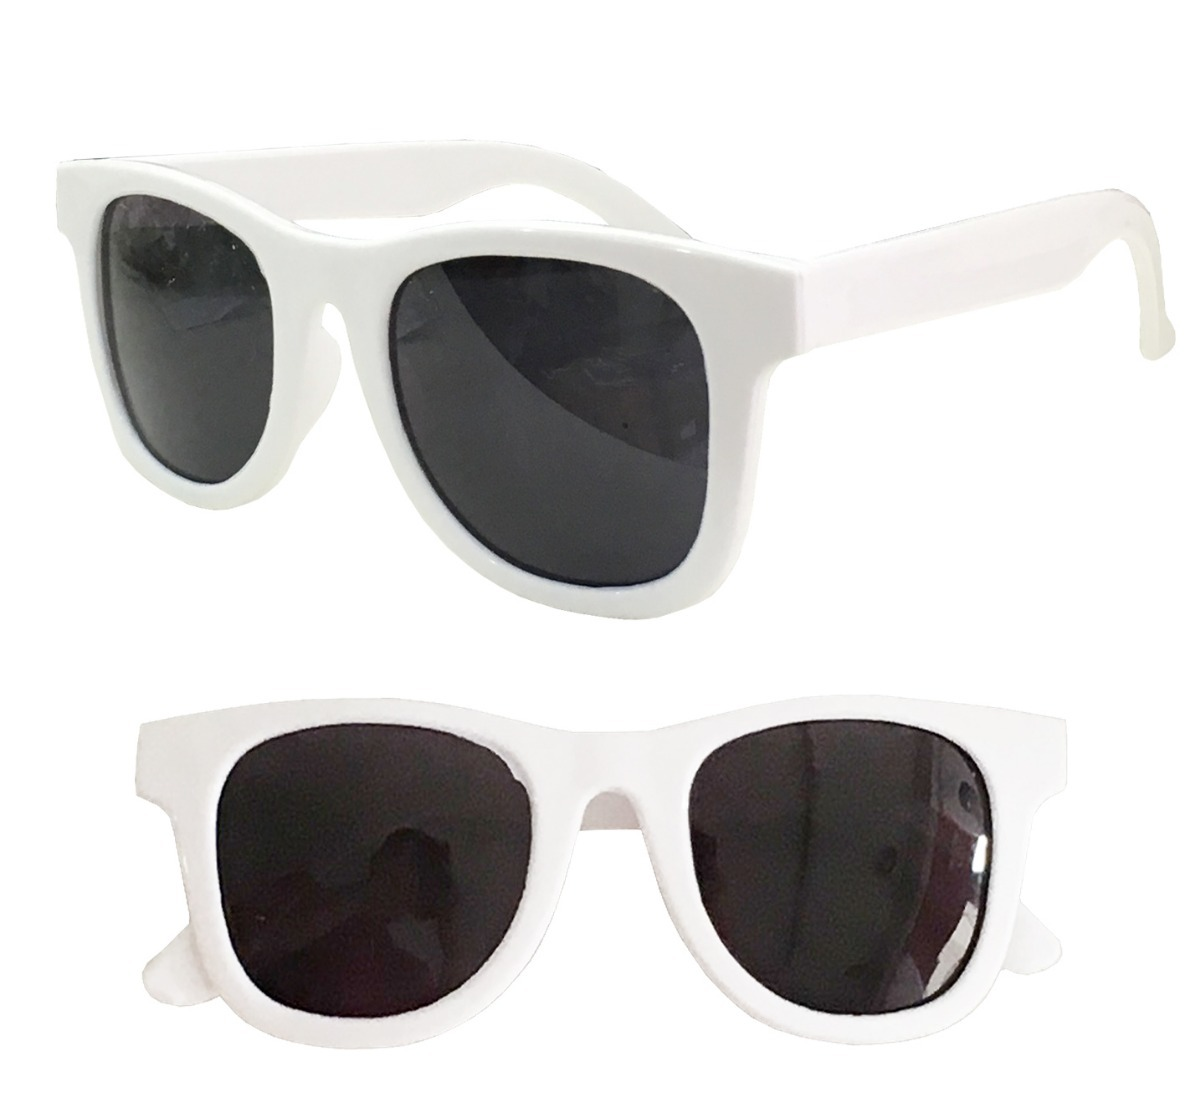 551288855b841 Kit 10 Óculos Sol Infantil Criança Uv400 Promoção Atacado - R  100 ...